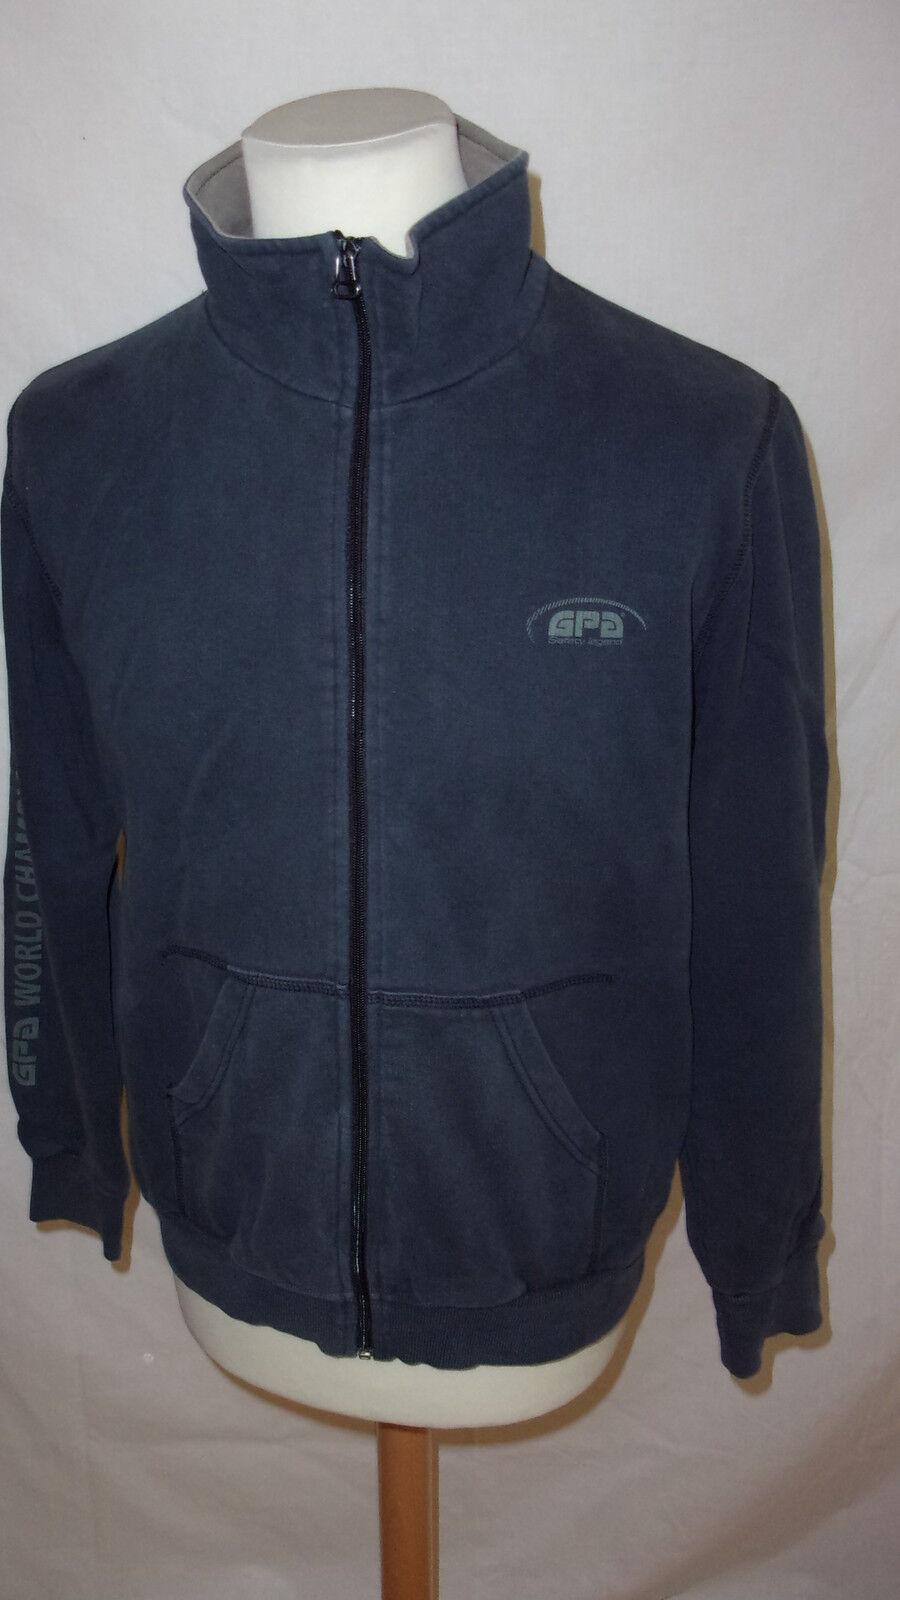 Rare veste d'équitation vintage GPA Championnat édition limitée Championnat GPA du monde AACHEN cedf75